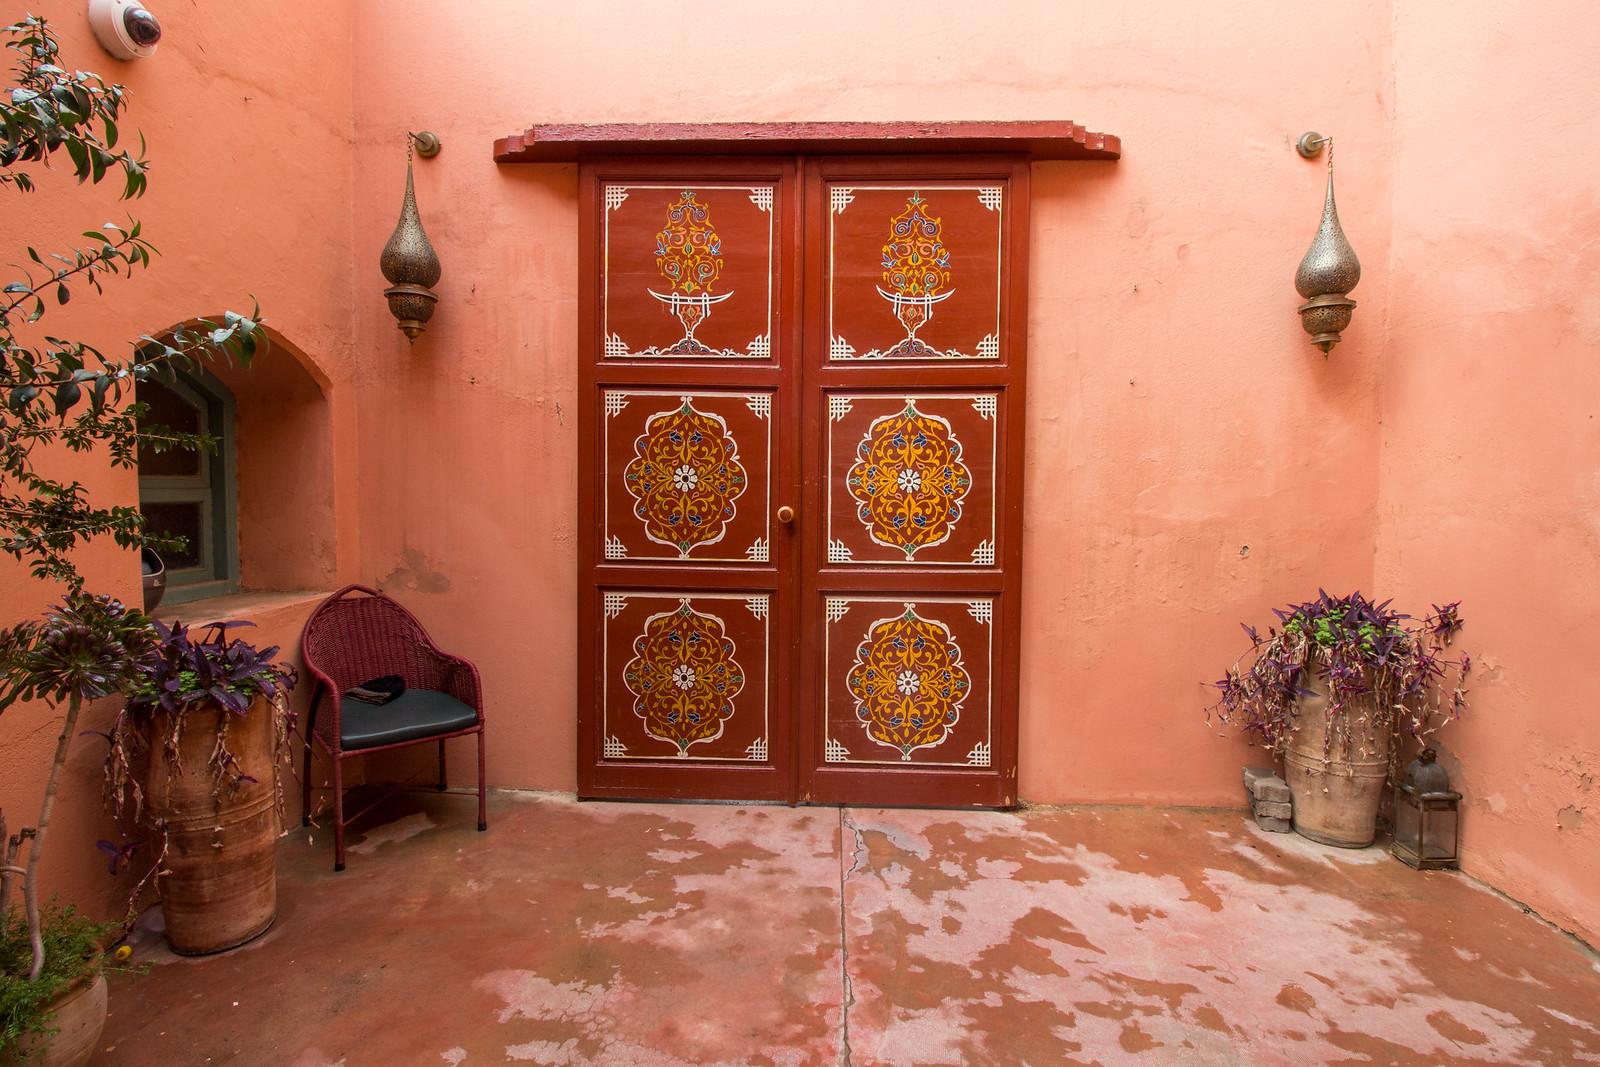 Red door in Marrakech